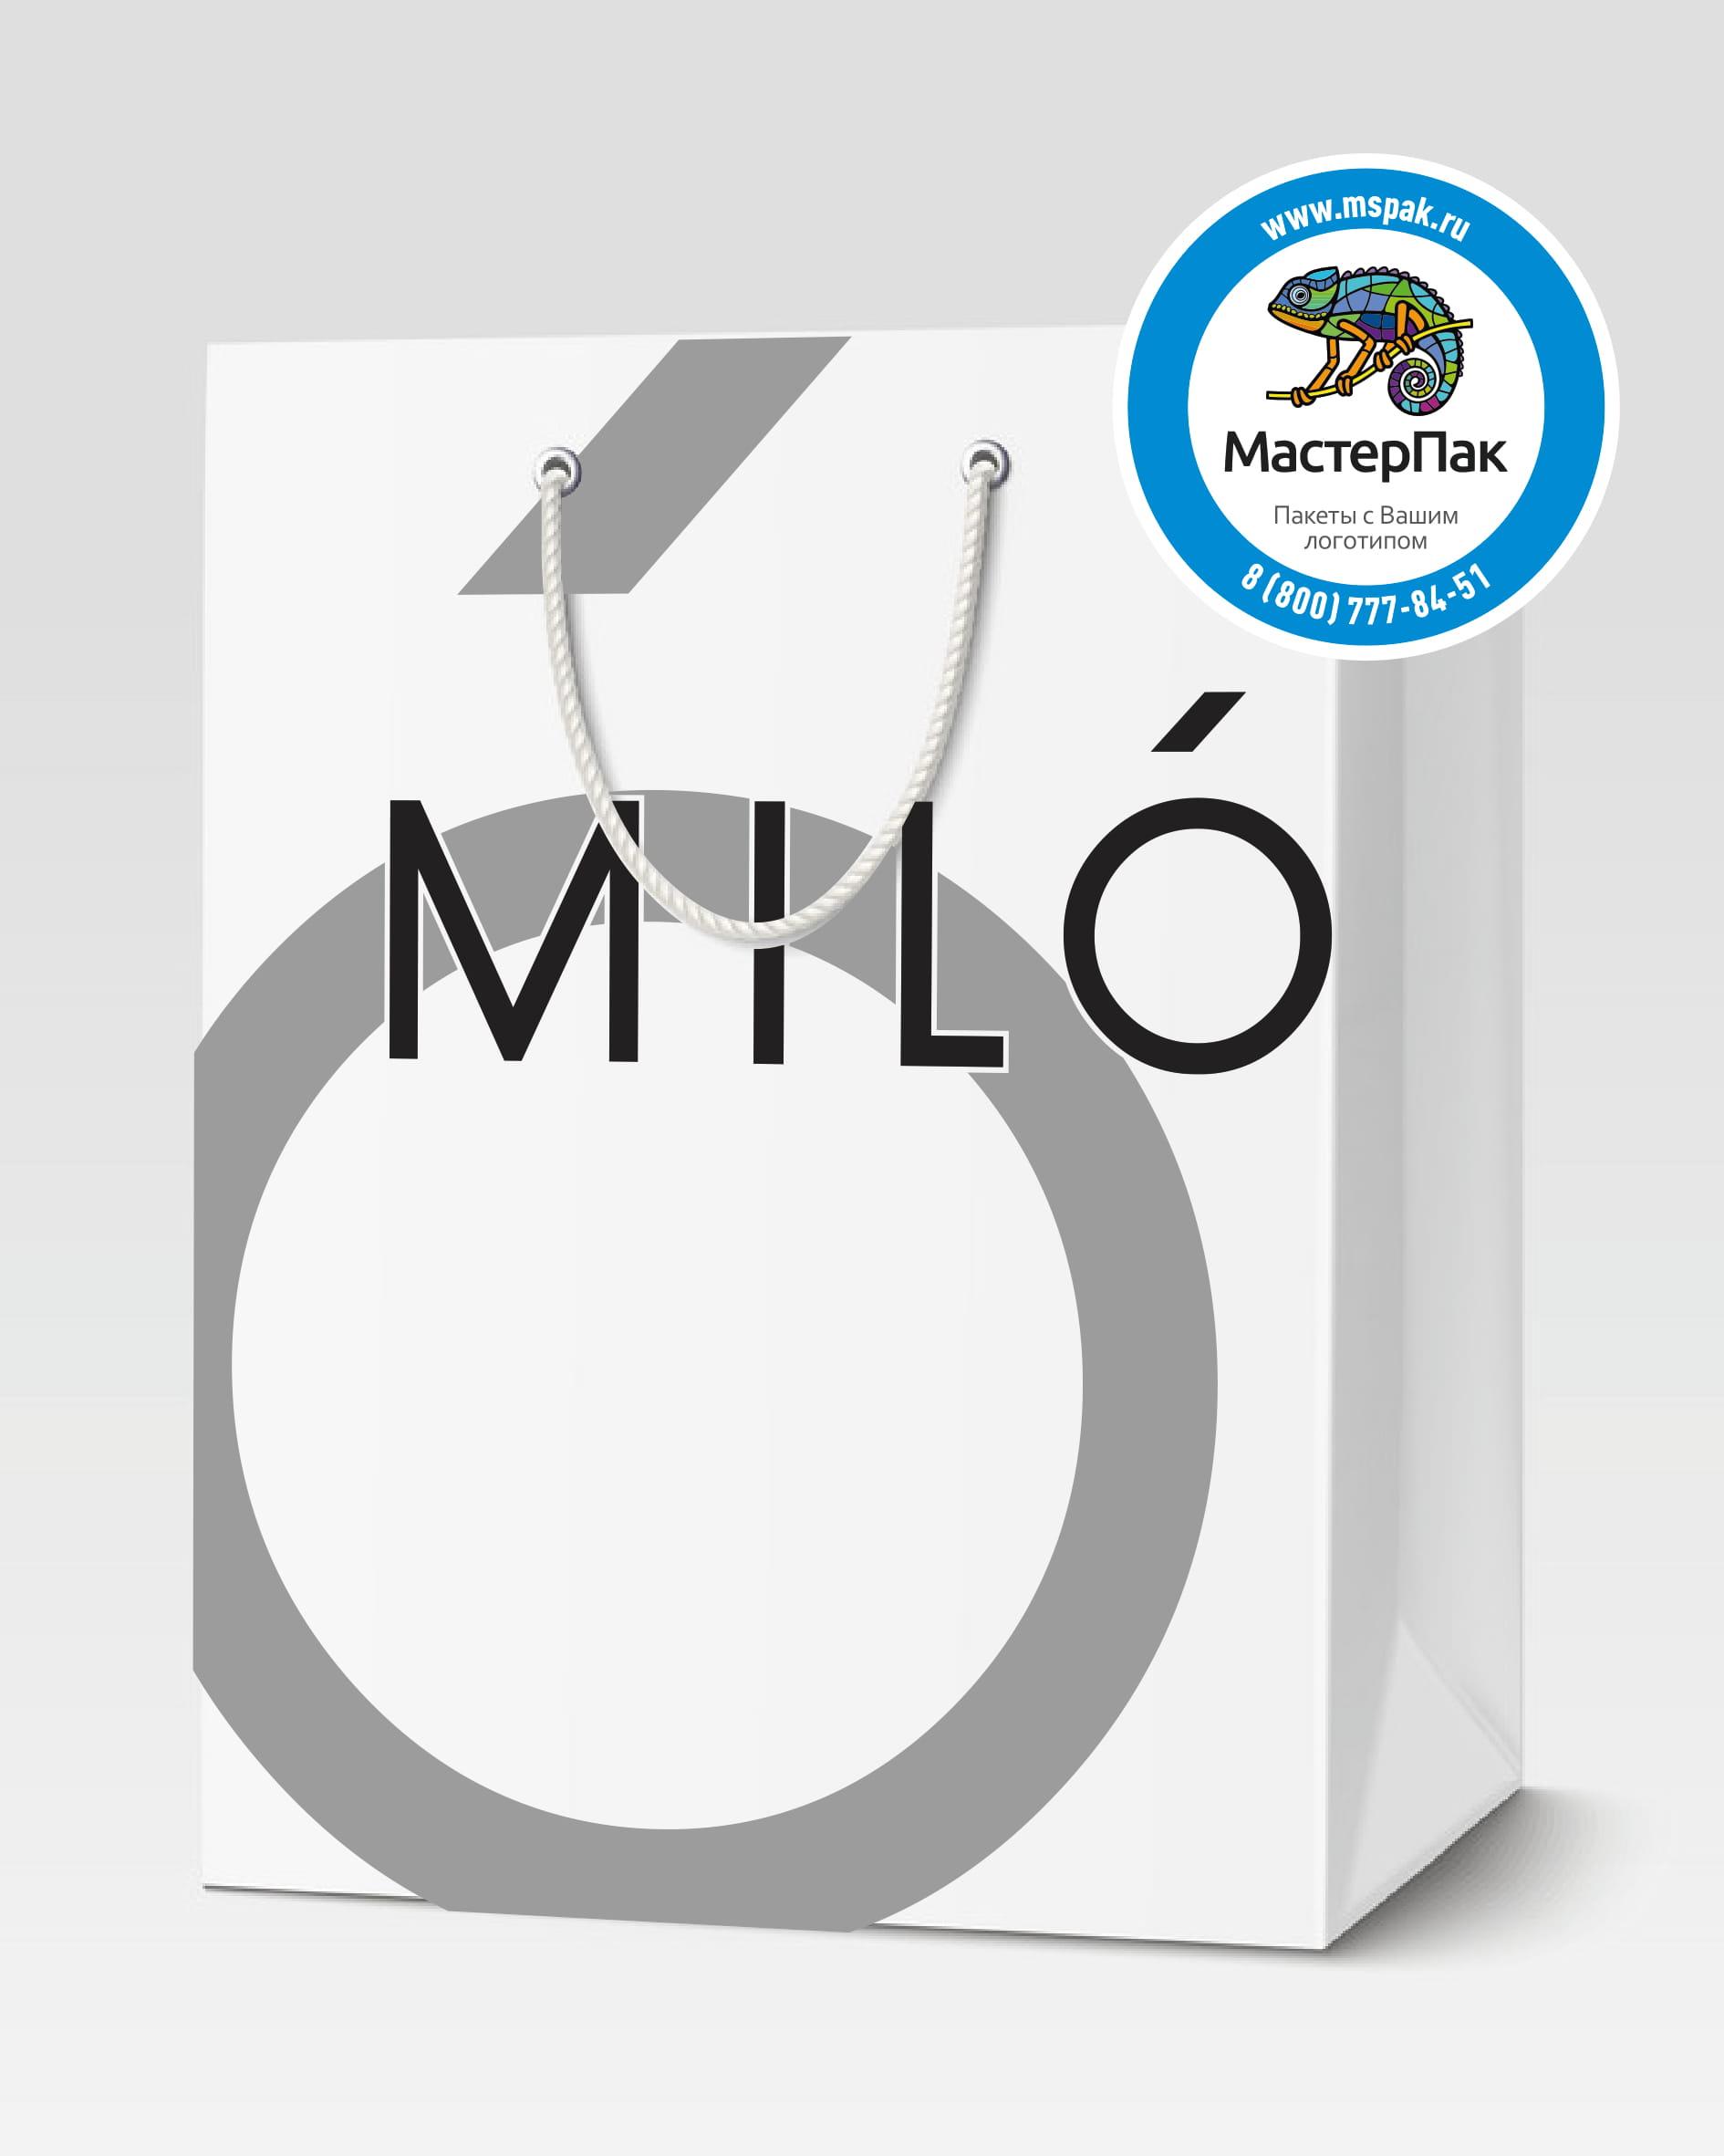 Пакет подарочный, бумажный с логотипом Milo, Великий Новгород, люверсы, 30*40